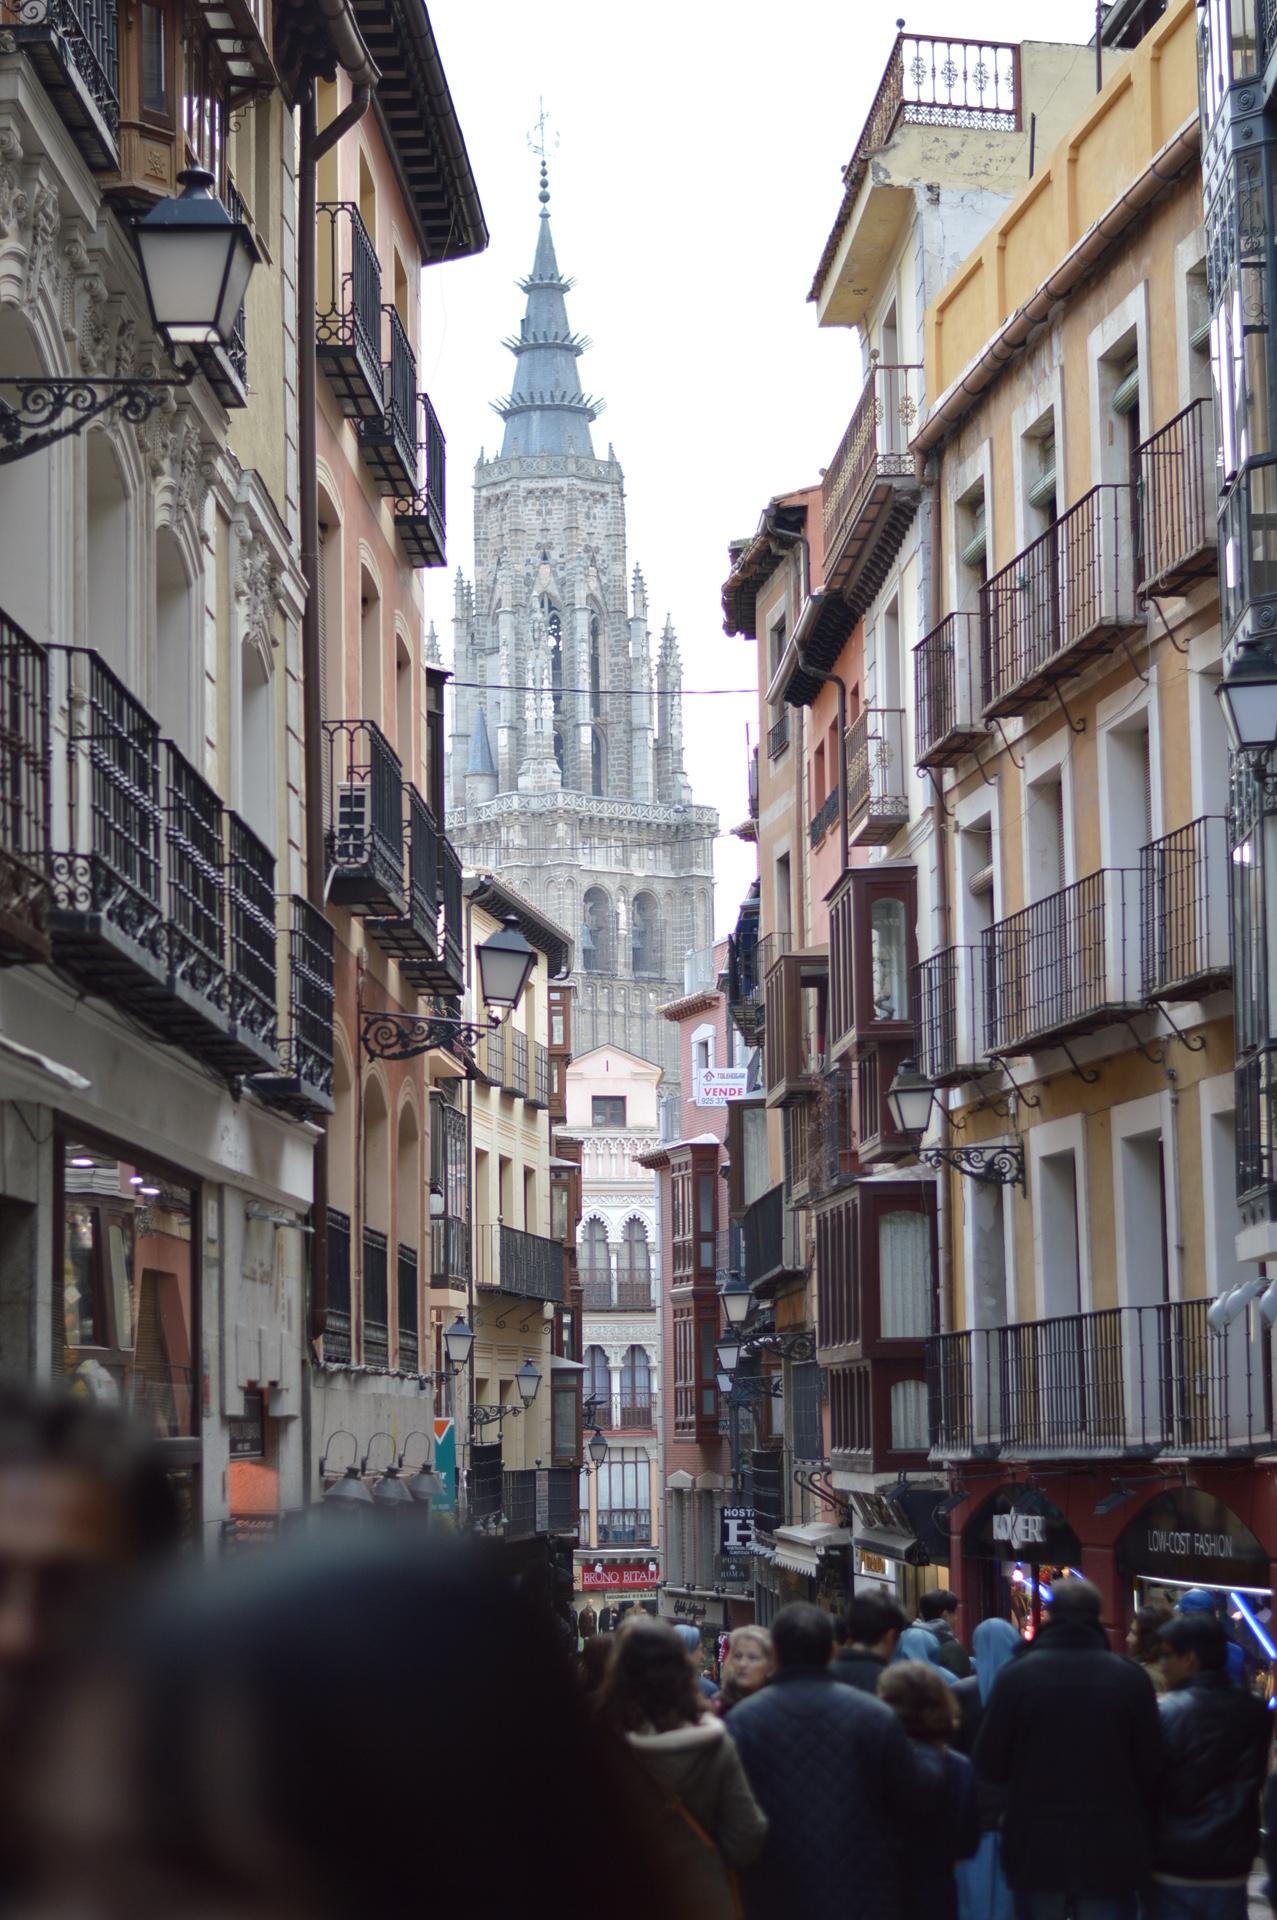 Callejeando Toledo